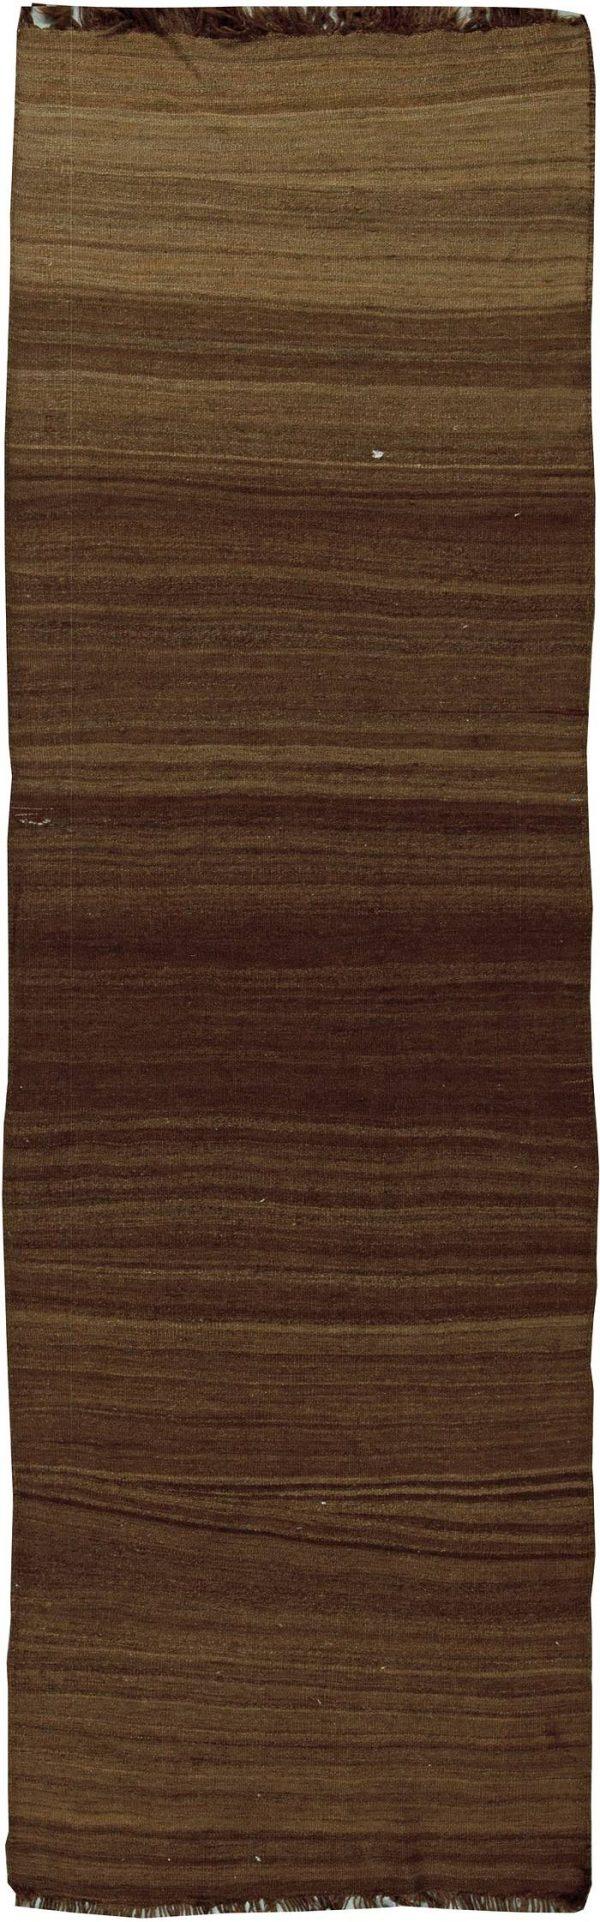 Antique Flat weave Turkish Runner BB5768